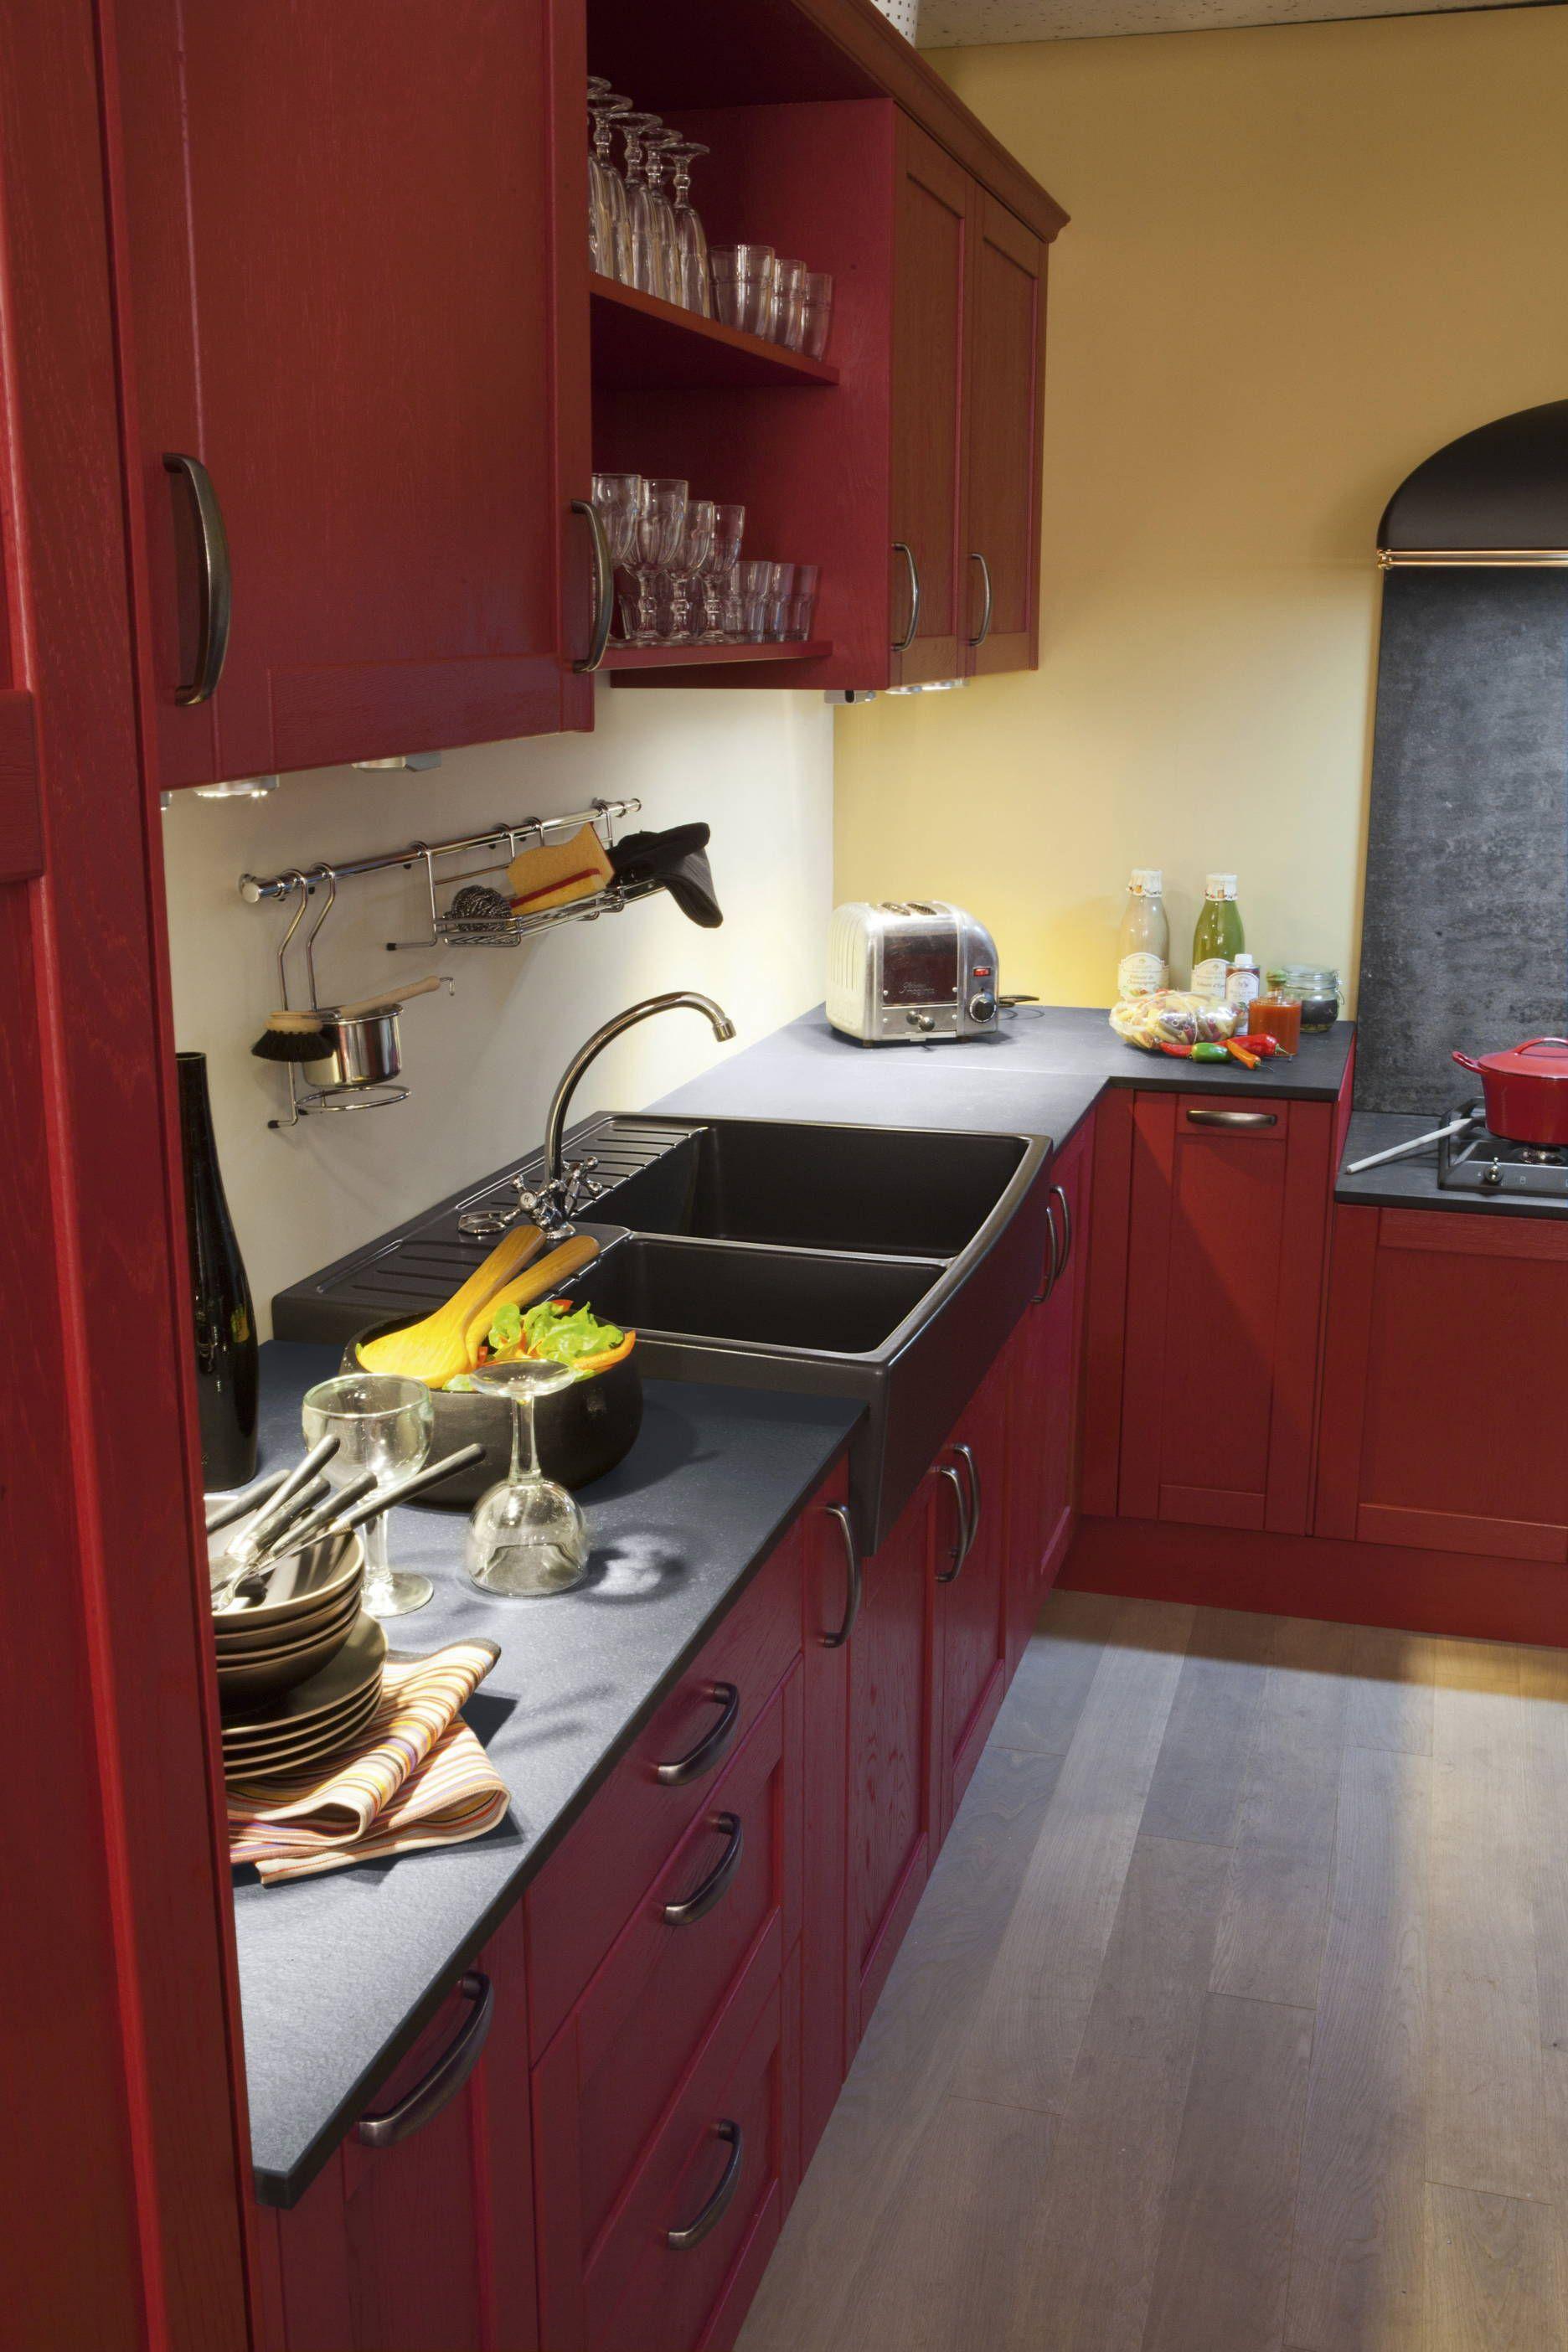 prix refaire cuisine finest cuisine pas cher brico depot cuisine nina brico depot avis refaire. Black Bedroom Furniture Sets. Home Design Ideas